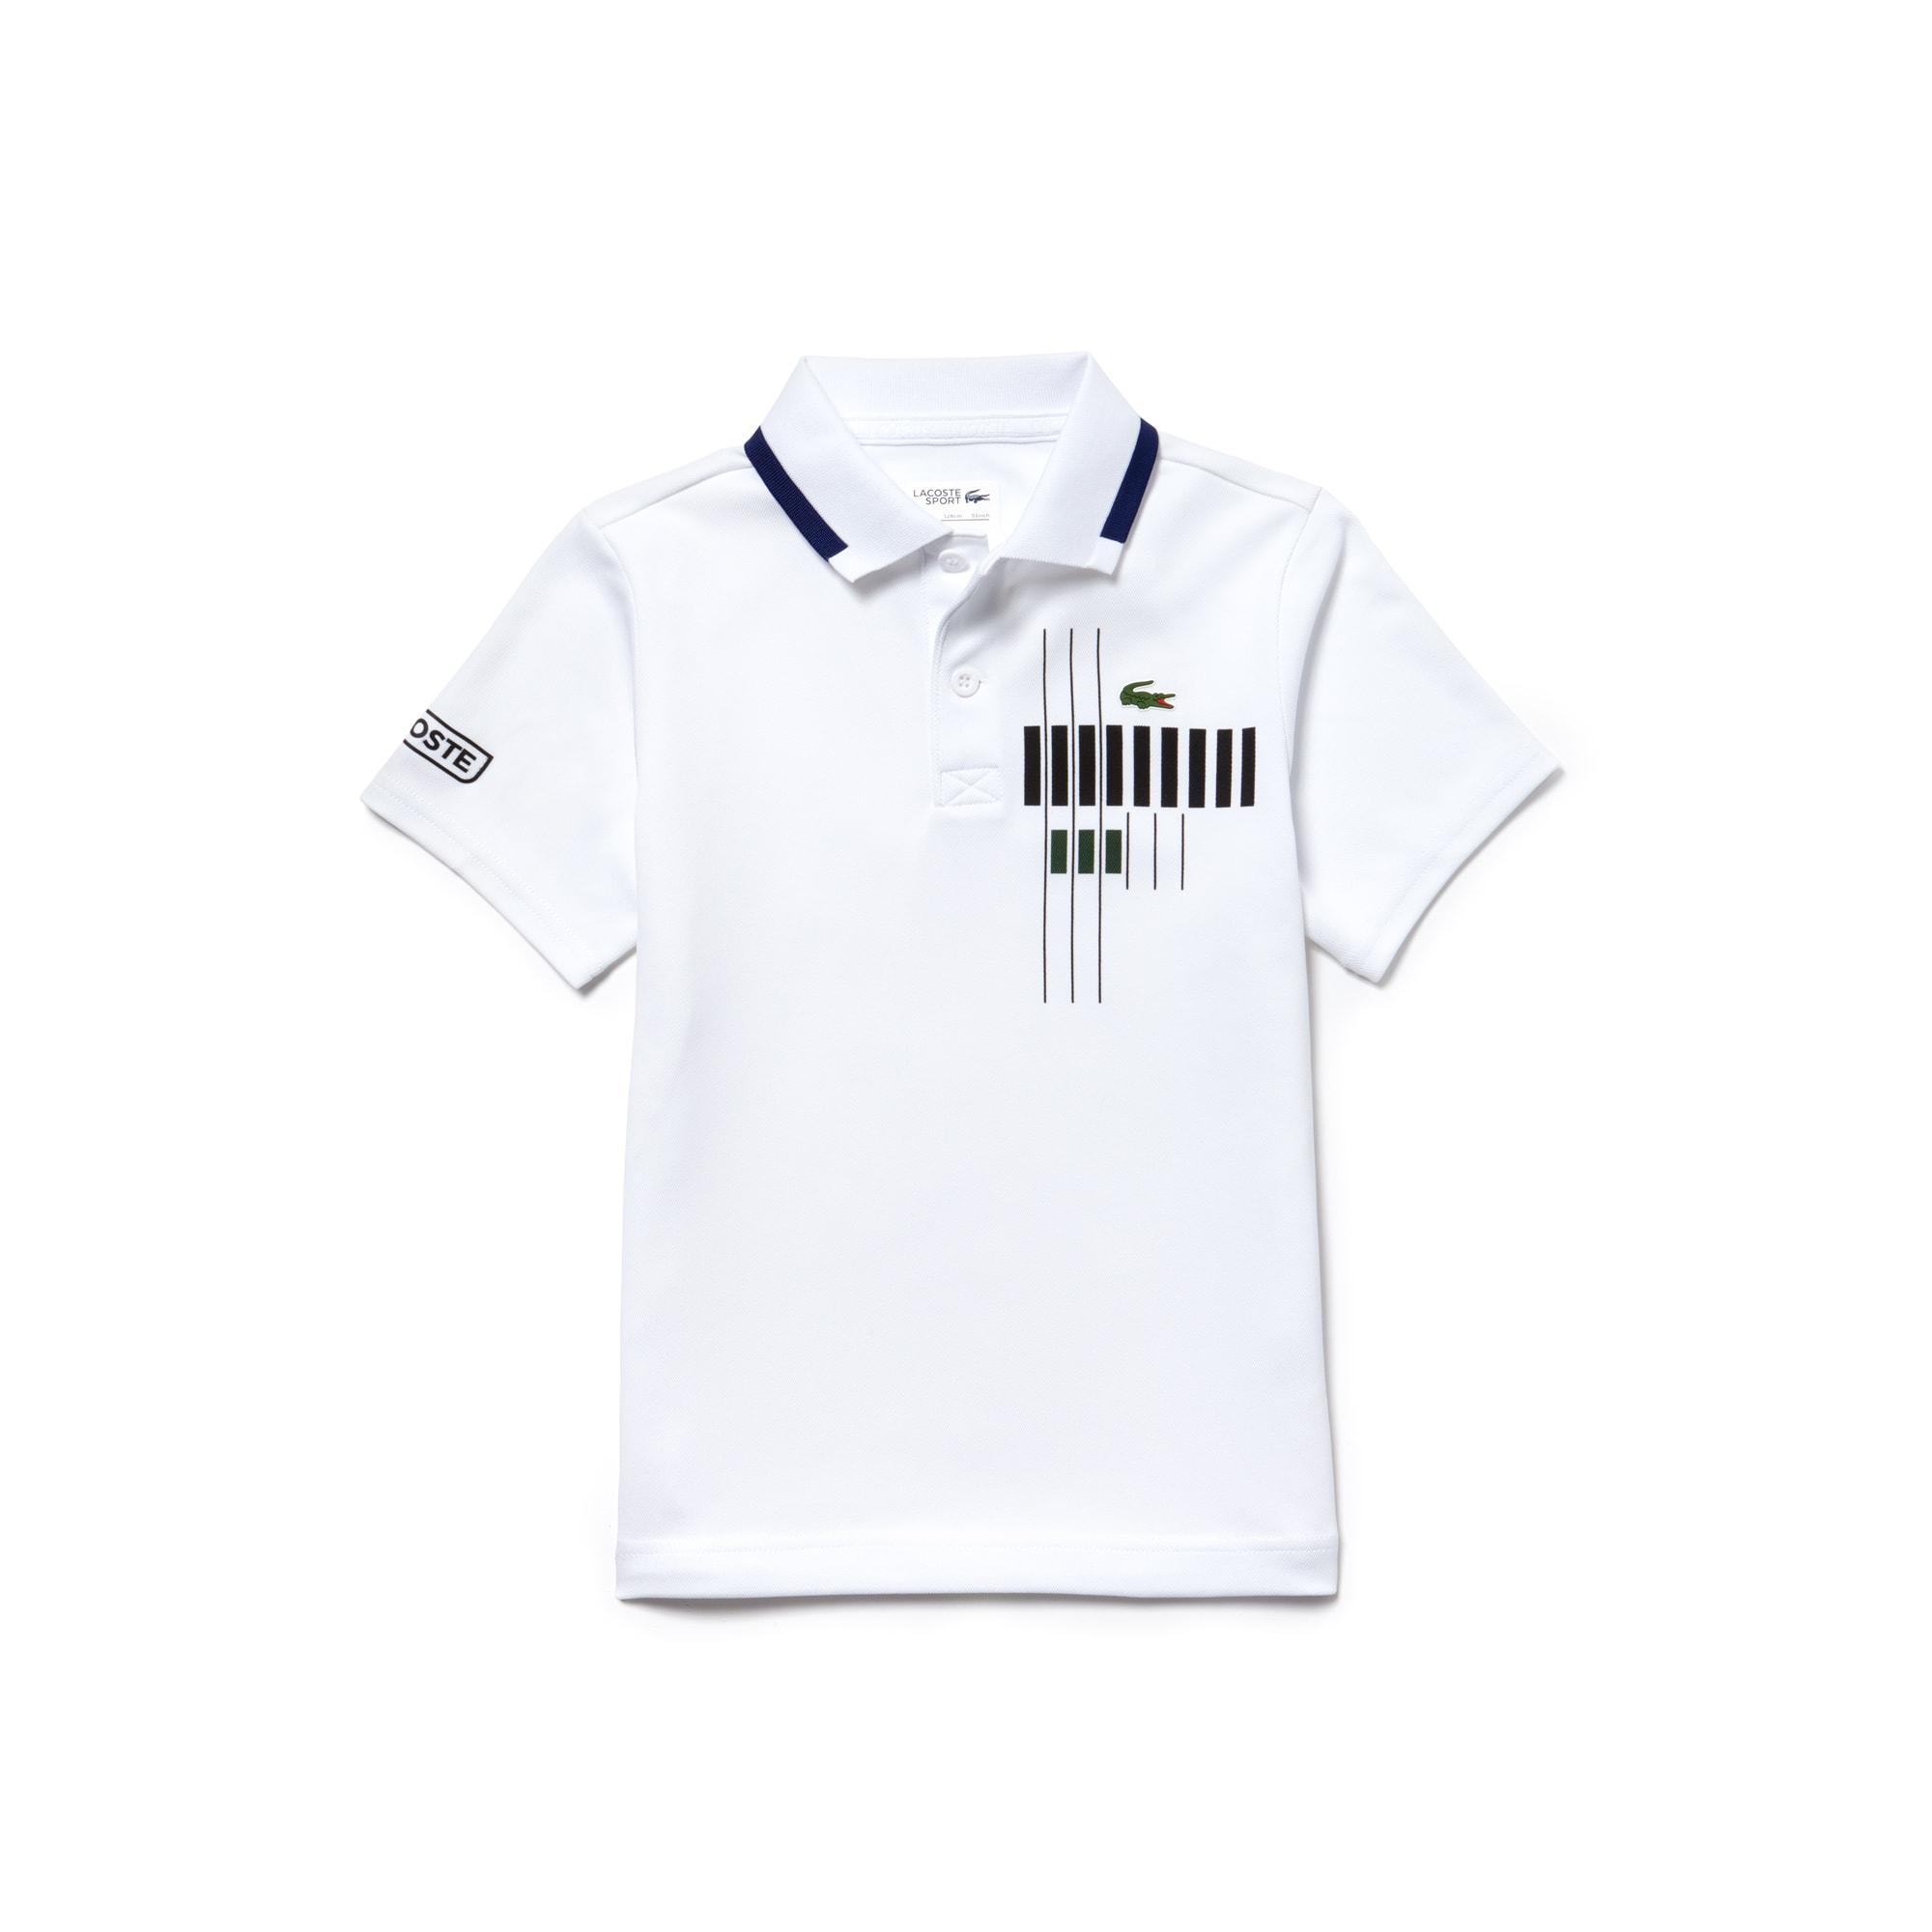 Boys'  SPORT Tennis Brand Design Technical Piqué Polo